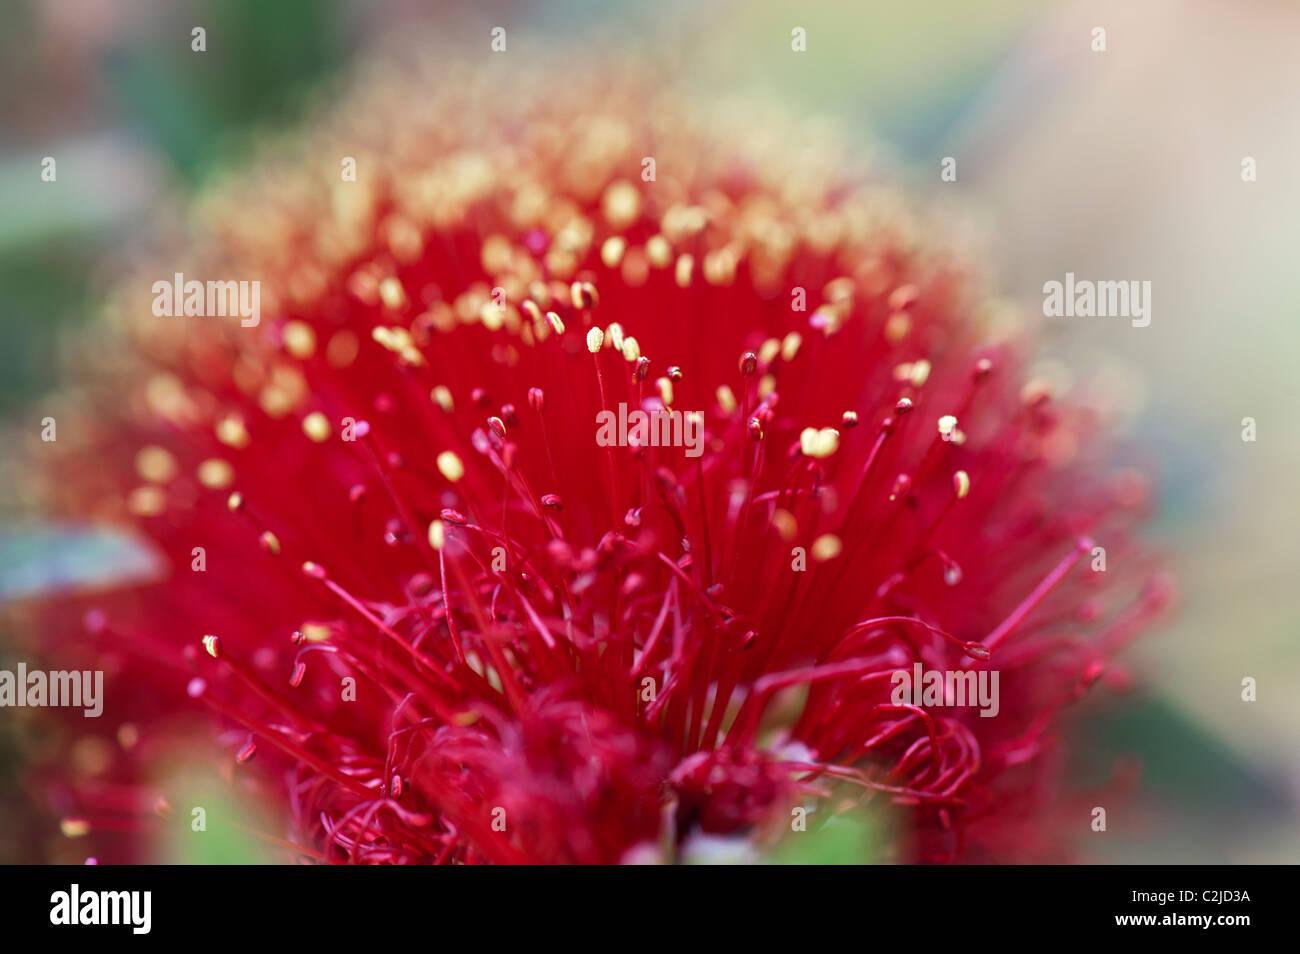 Callistemon viminalis 'Little John'. Bottlebrush 'Little John' flower - Stock Image